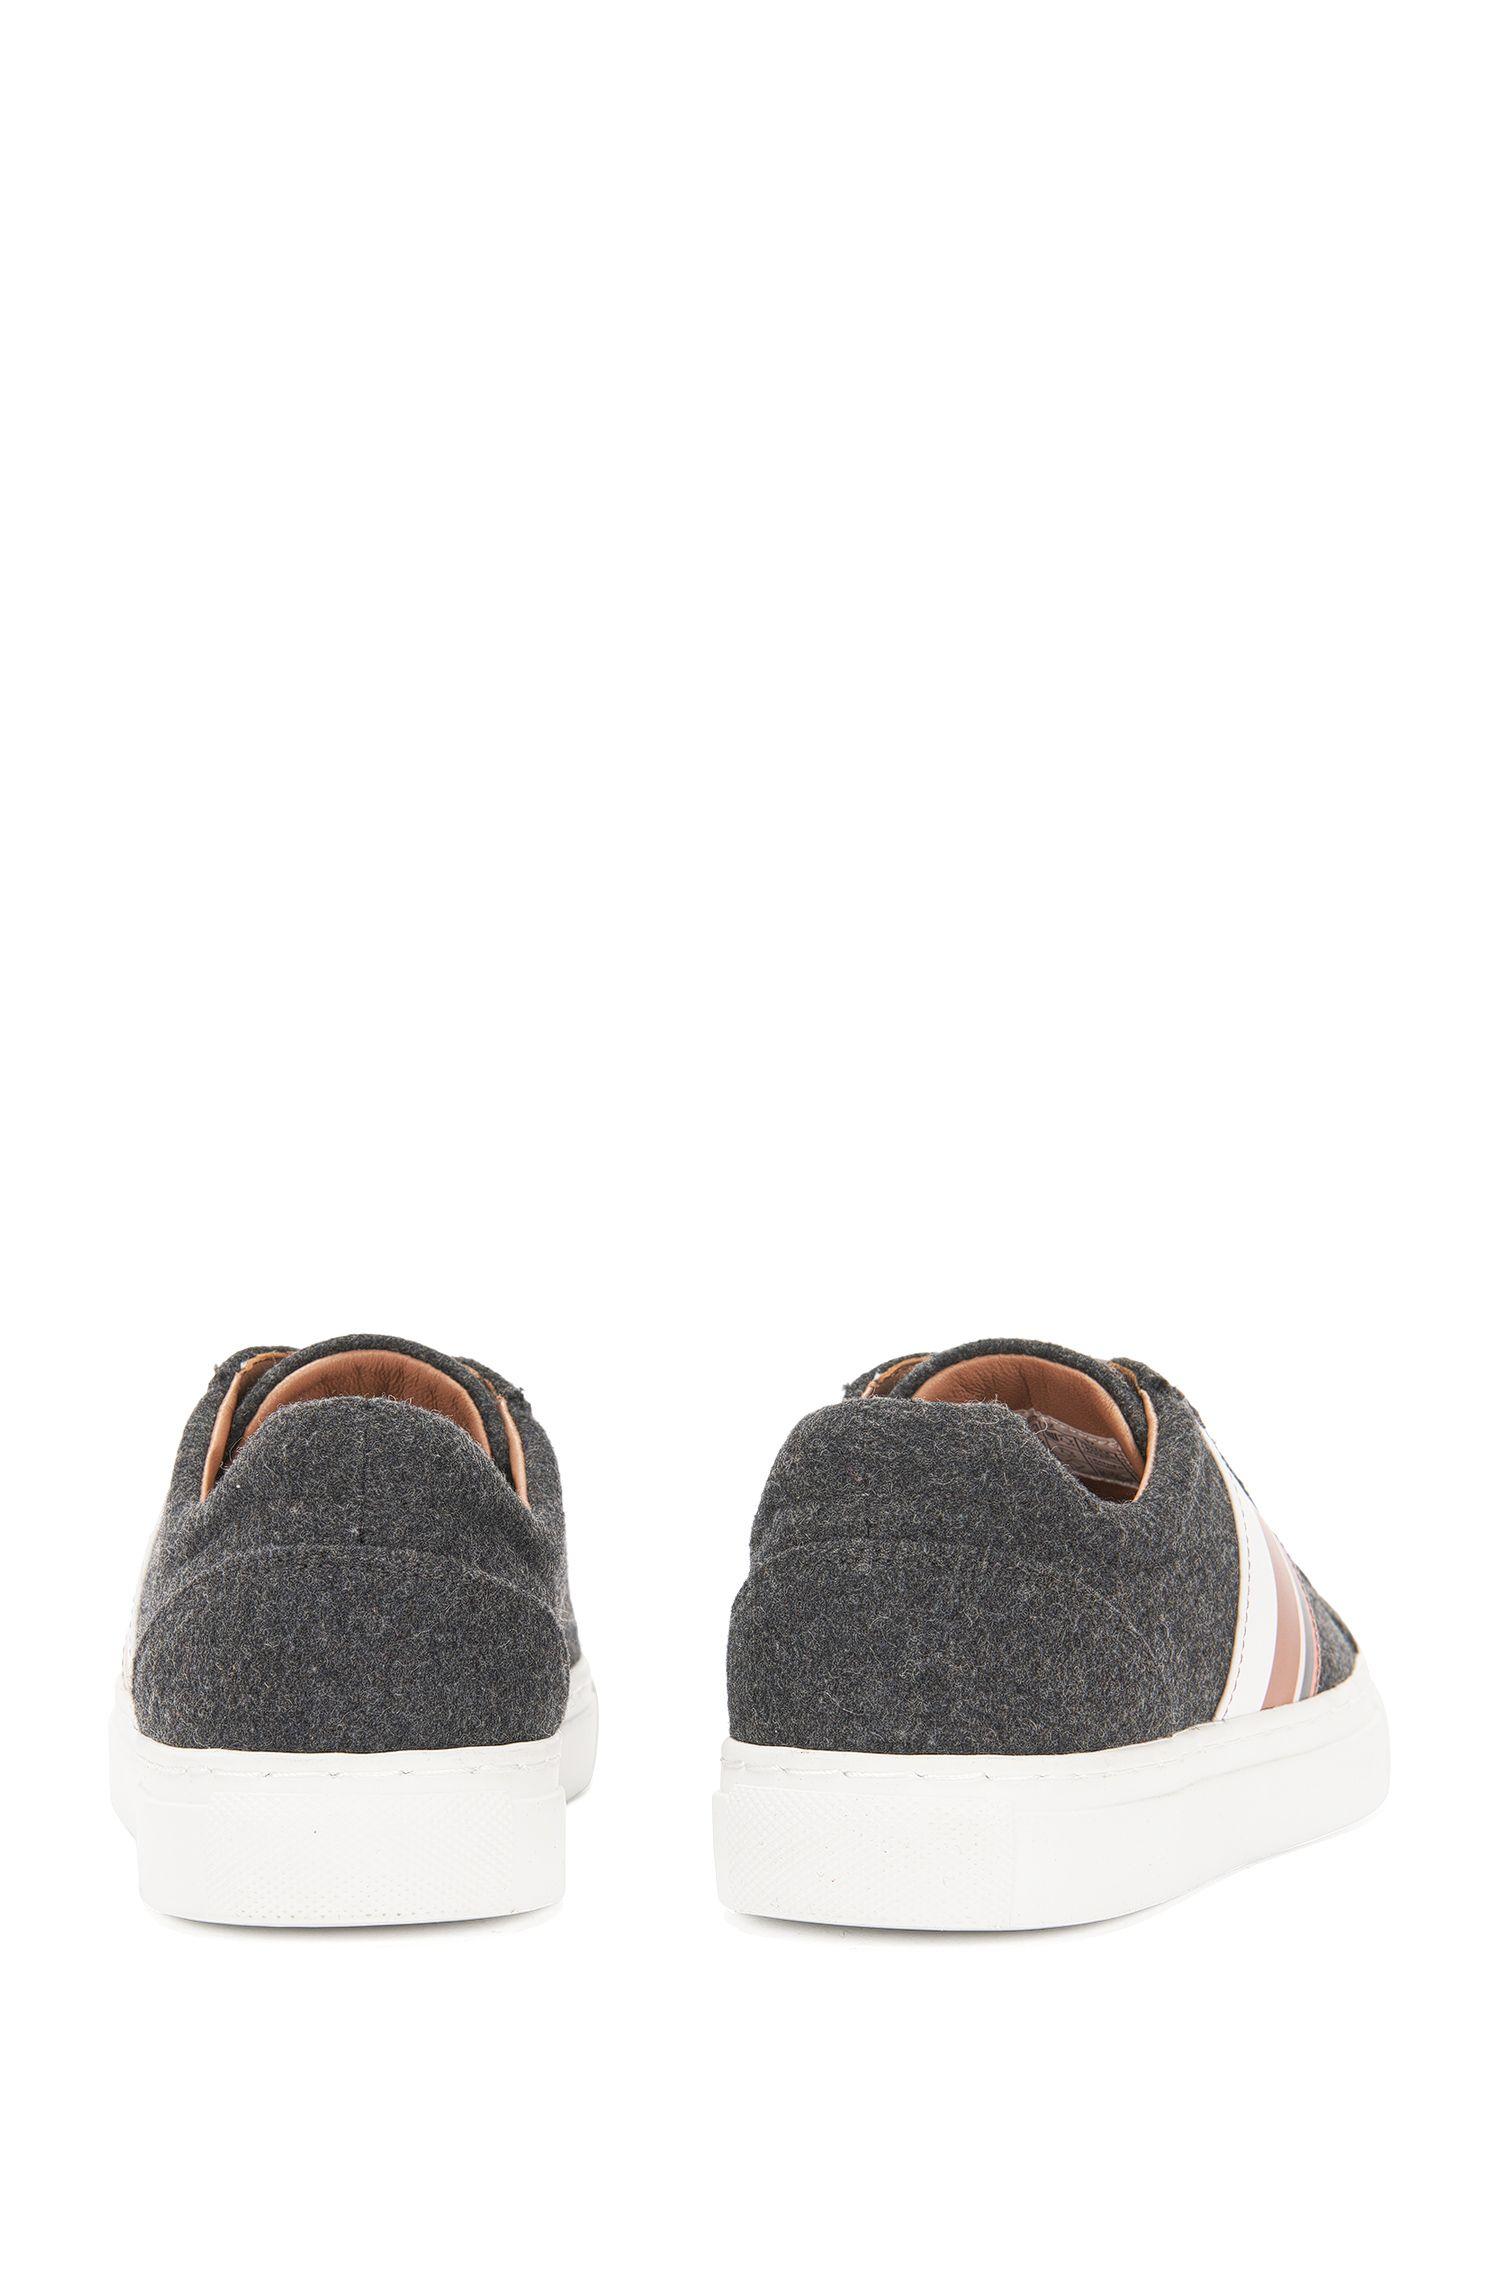 Baskets en feutre ornées de détails en cuir: «Low Cut LB»